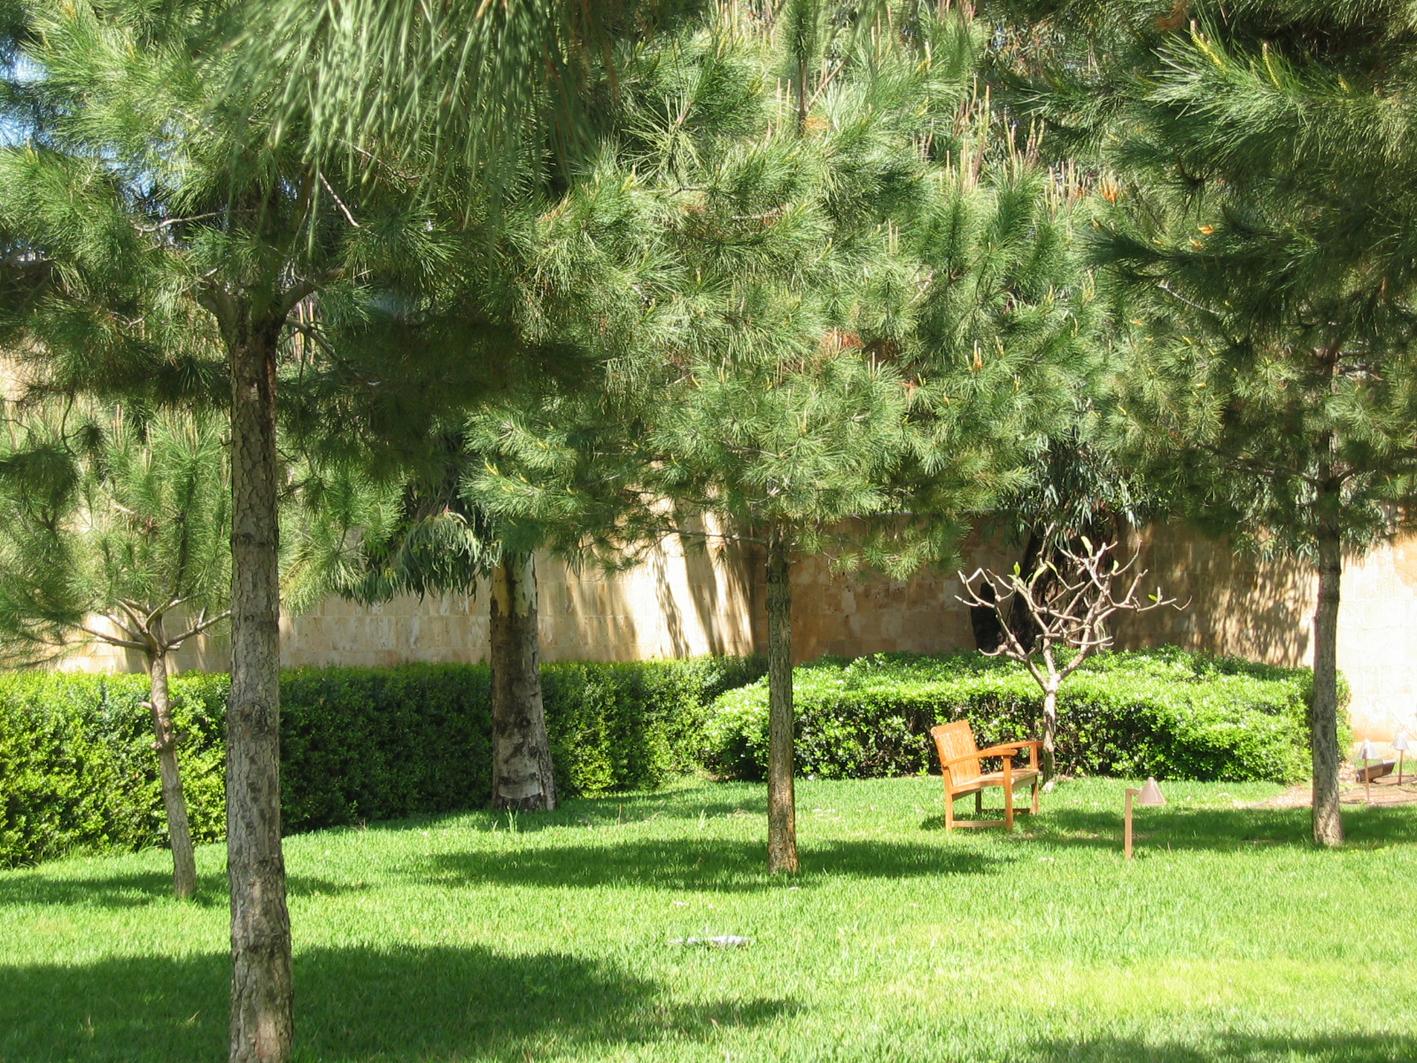 les jardins de l ambassade de france et la place publique atl architectes urbanistes paysagistes. Black Bedroom Furniture Sets. Home Design Ideas